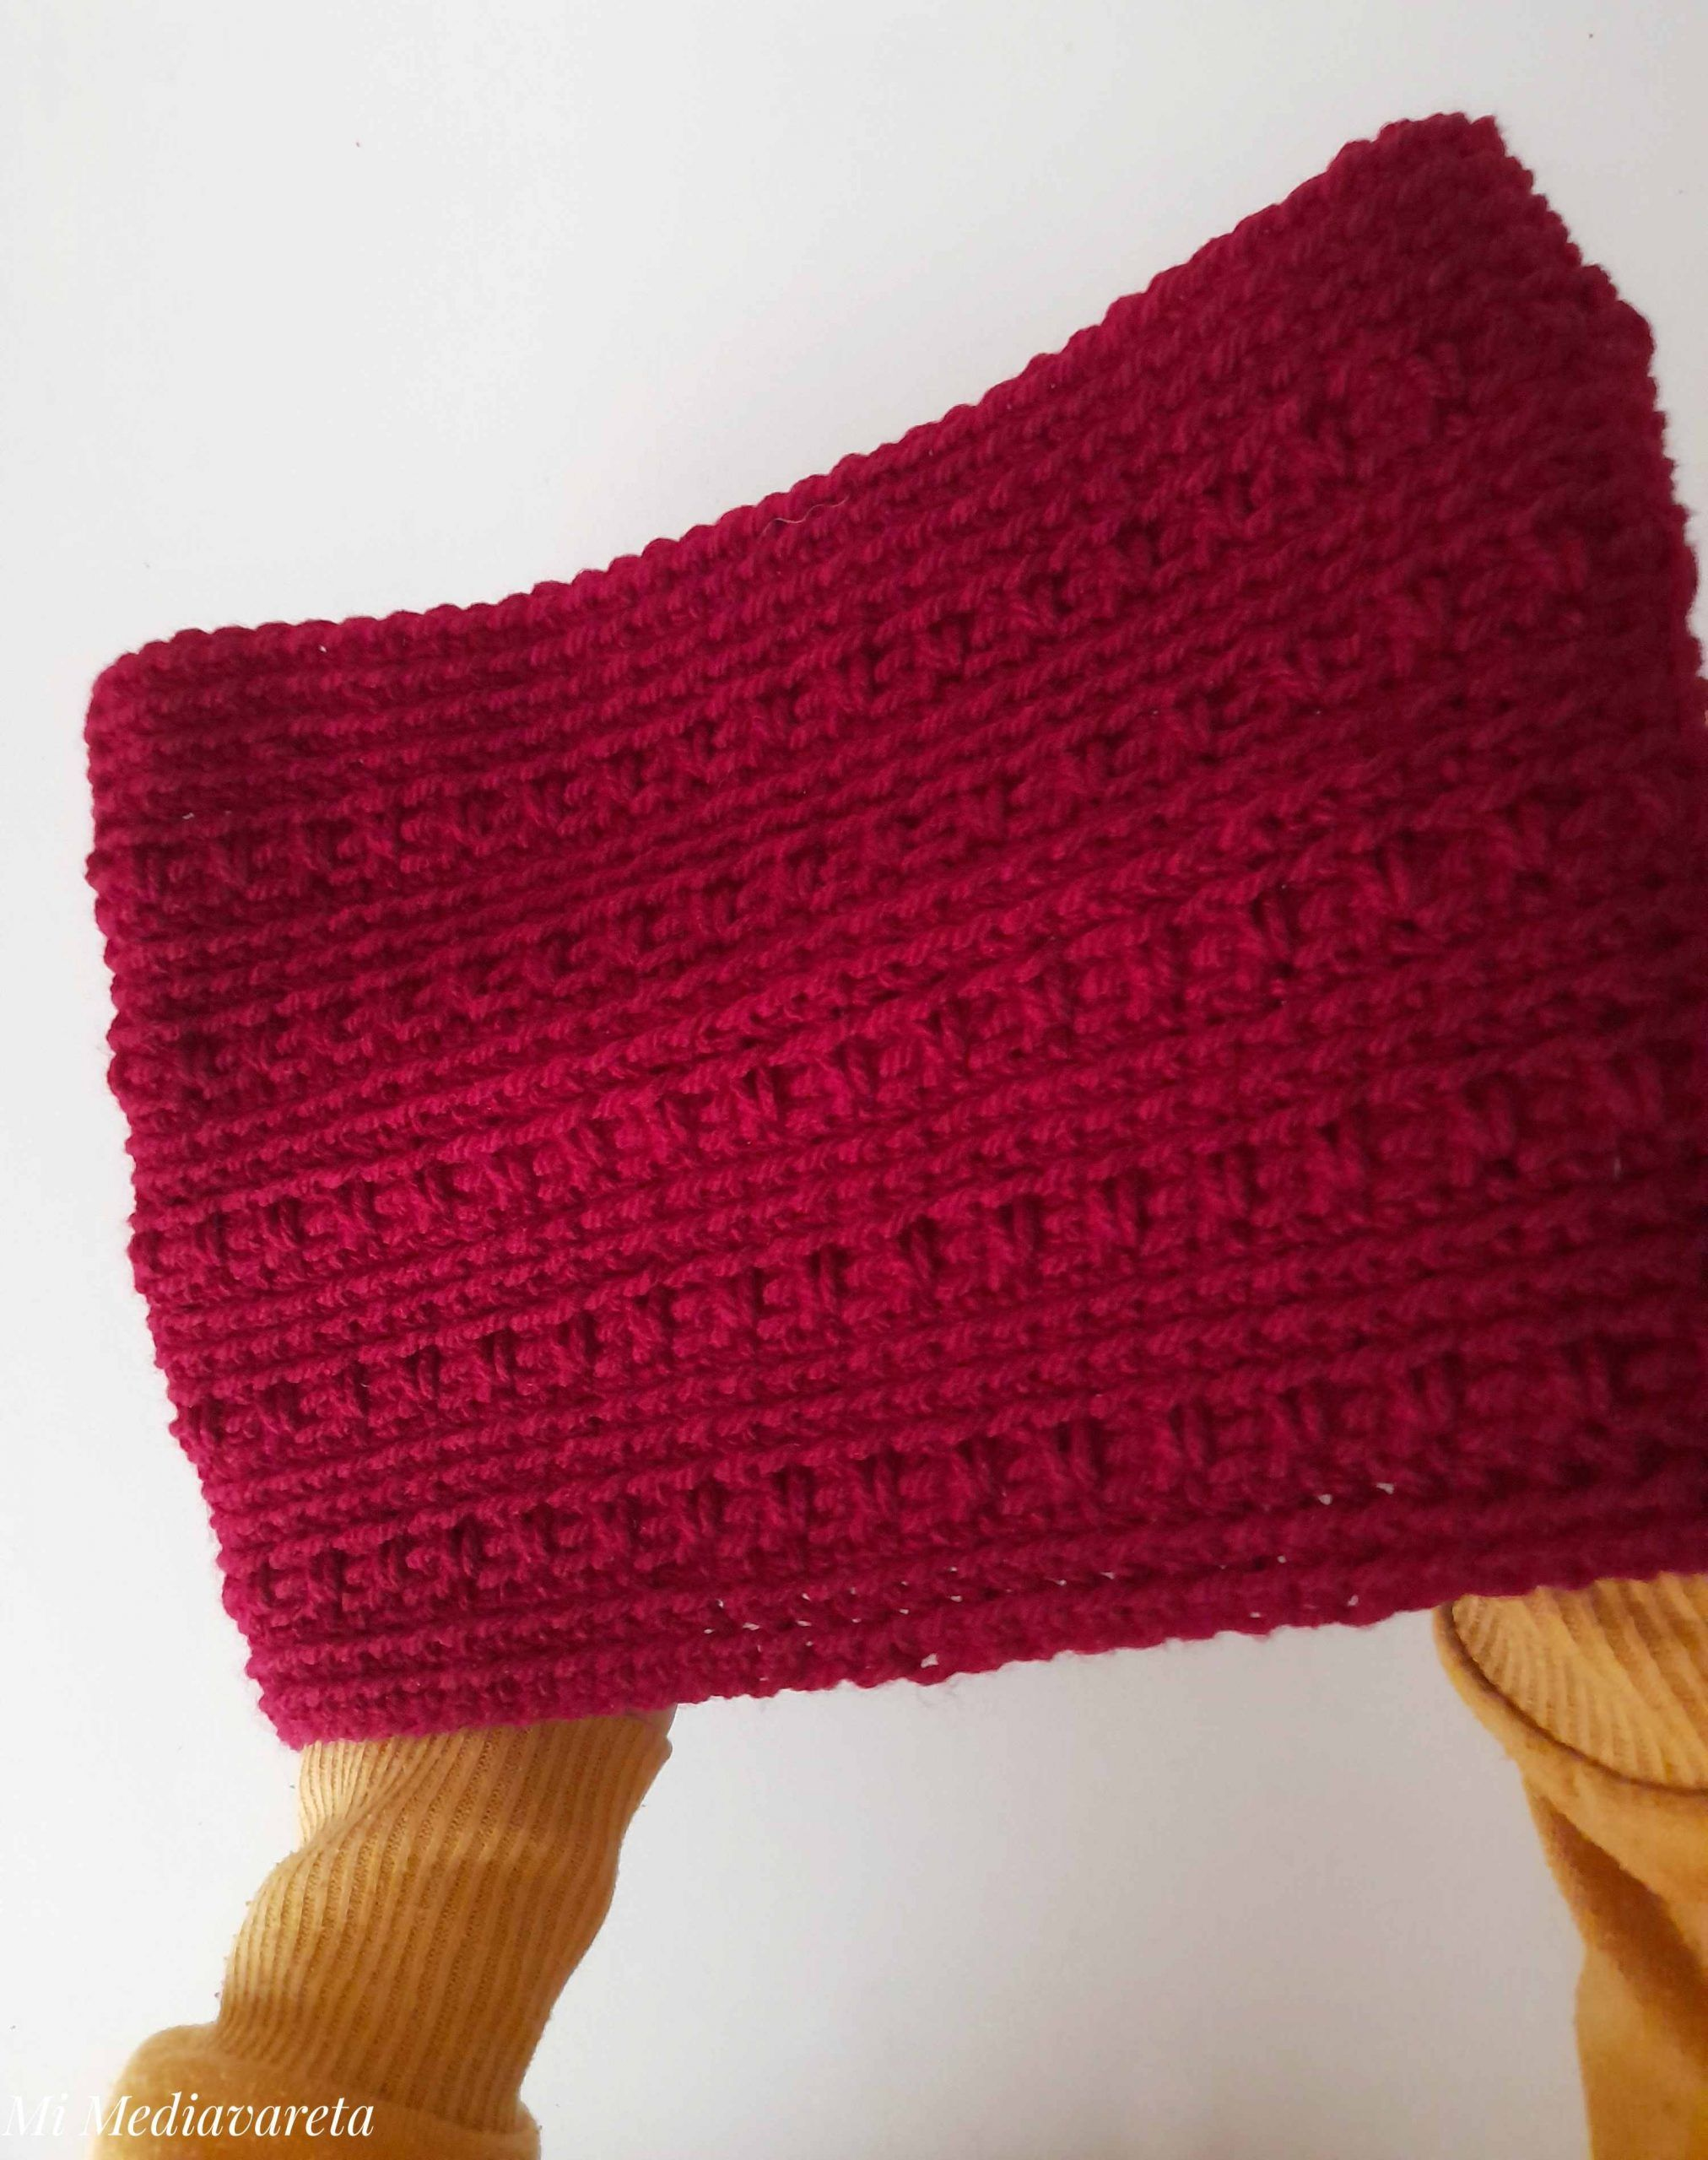 Regalo crochet para hombre: Tutorial para tejer cuello FÁCIL paso a paso.  Este es un cuello fácil para tejer a crochet